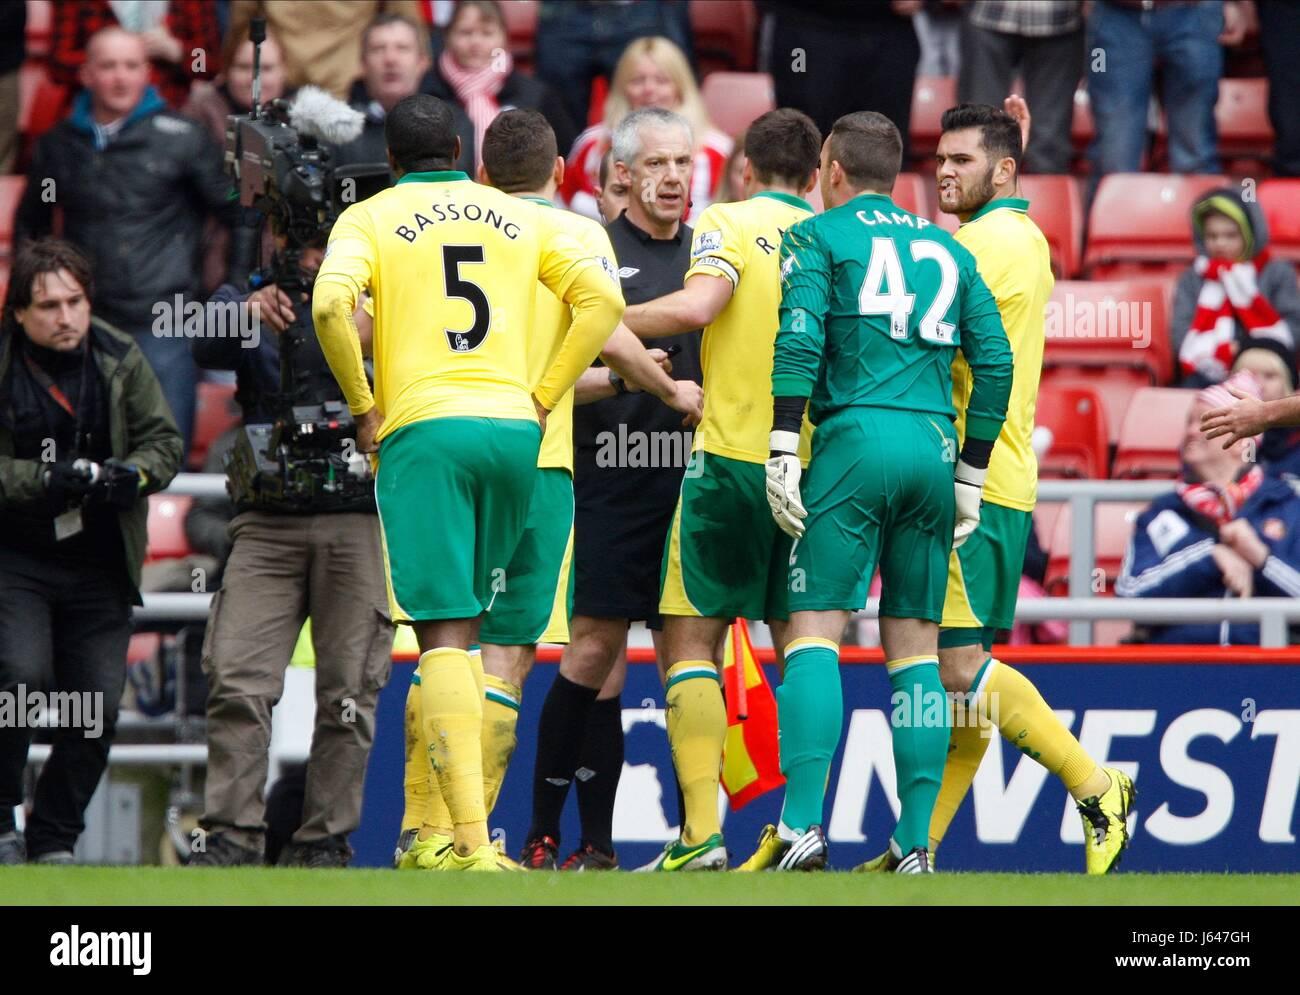 NORWICH JUGADORES ENFRENTAR CONSULTE SUNDERLAND V Norwich City FC STADIUM DE LUZ Sunderland England el 17 de marzo Imagen De Stock